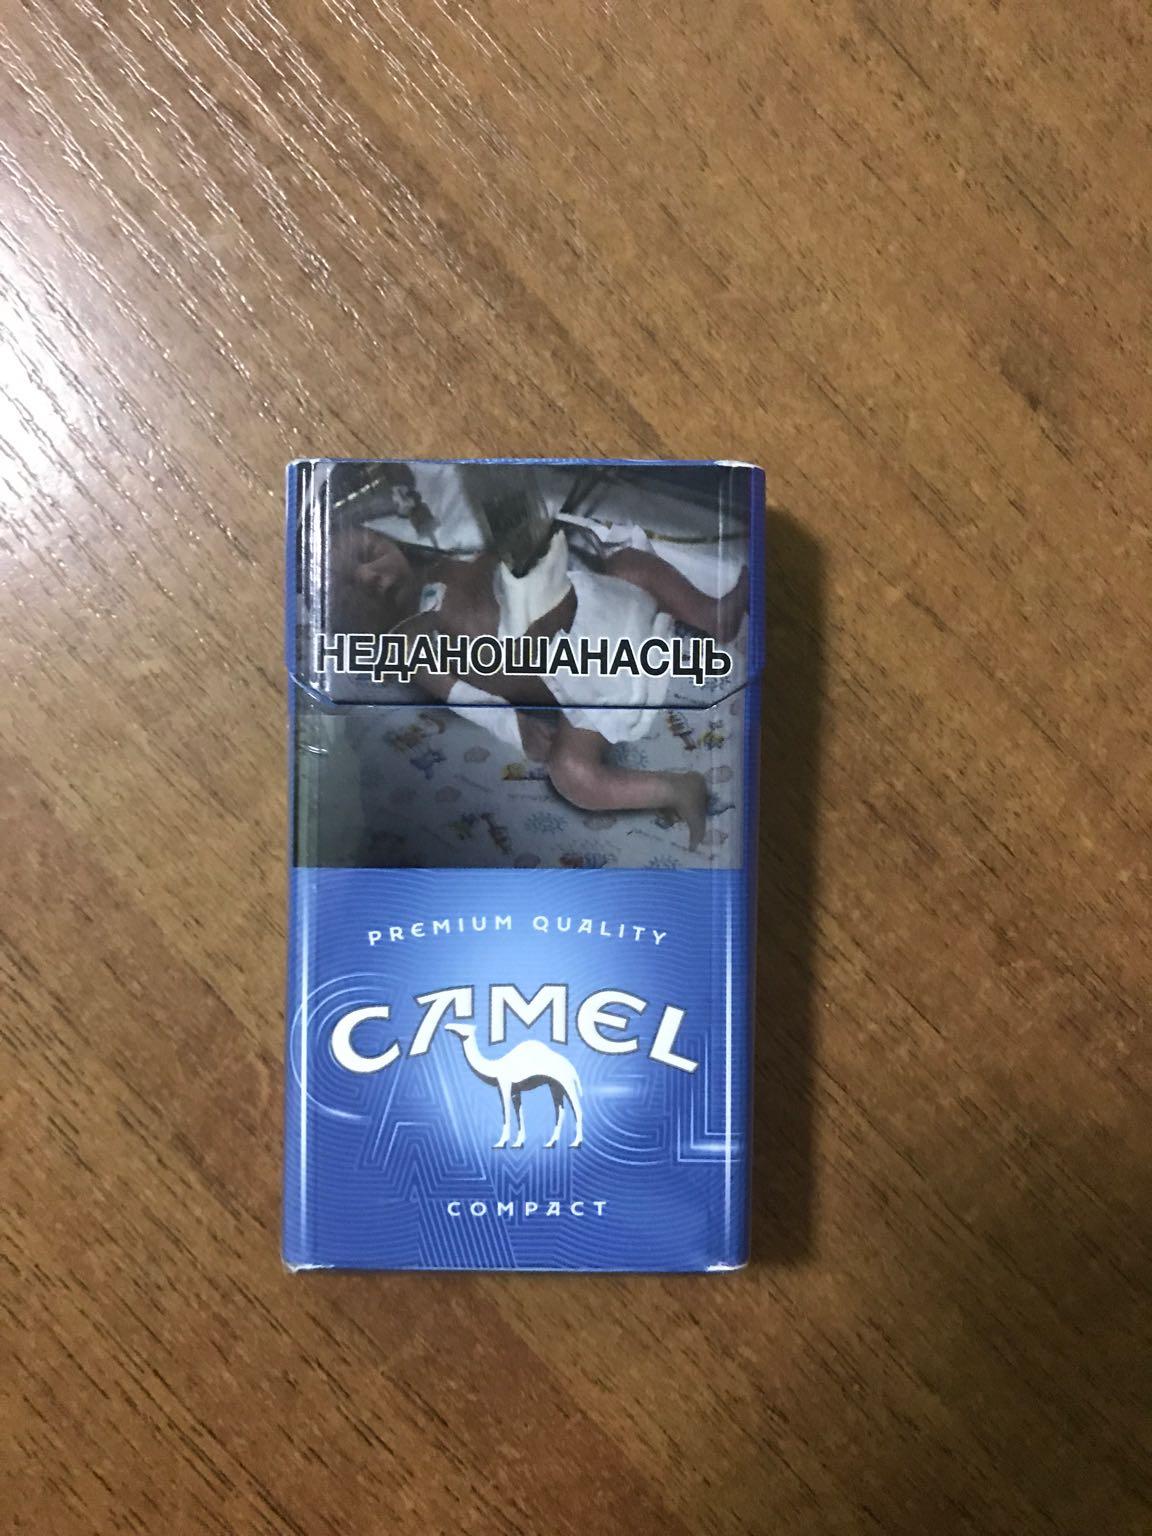 Сигареты кэмел компакт синий купить сигареты нужно купить